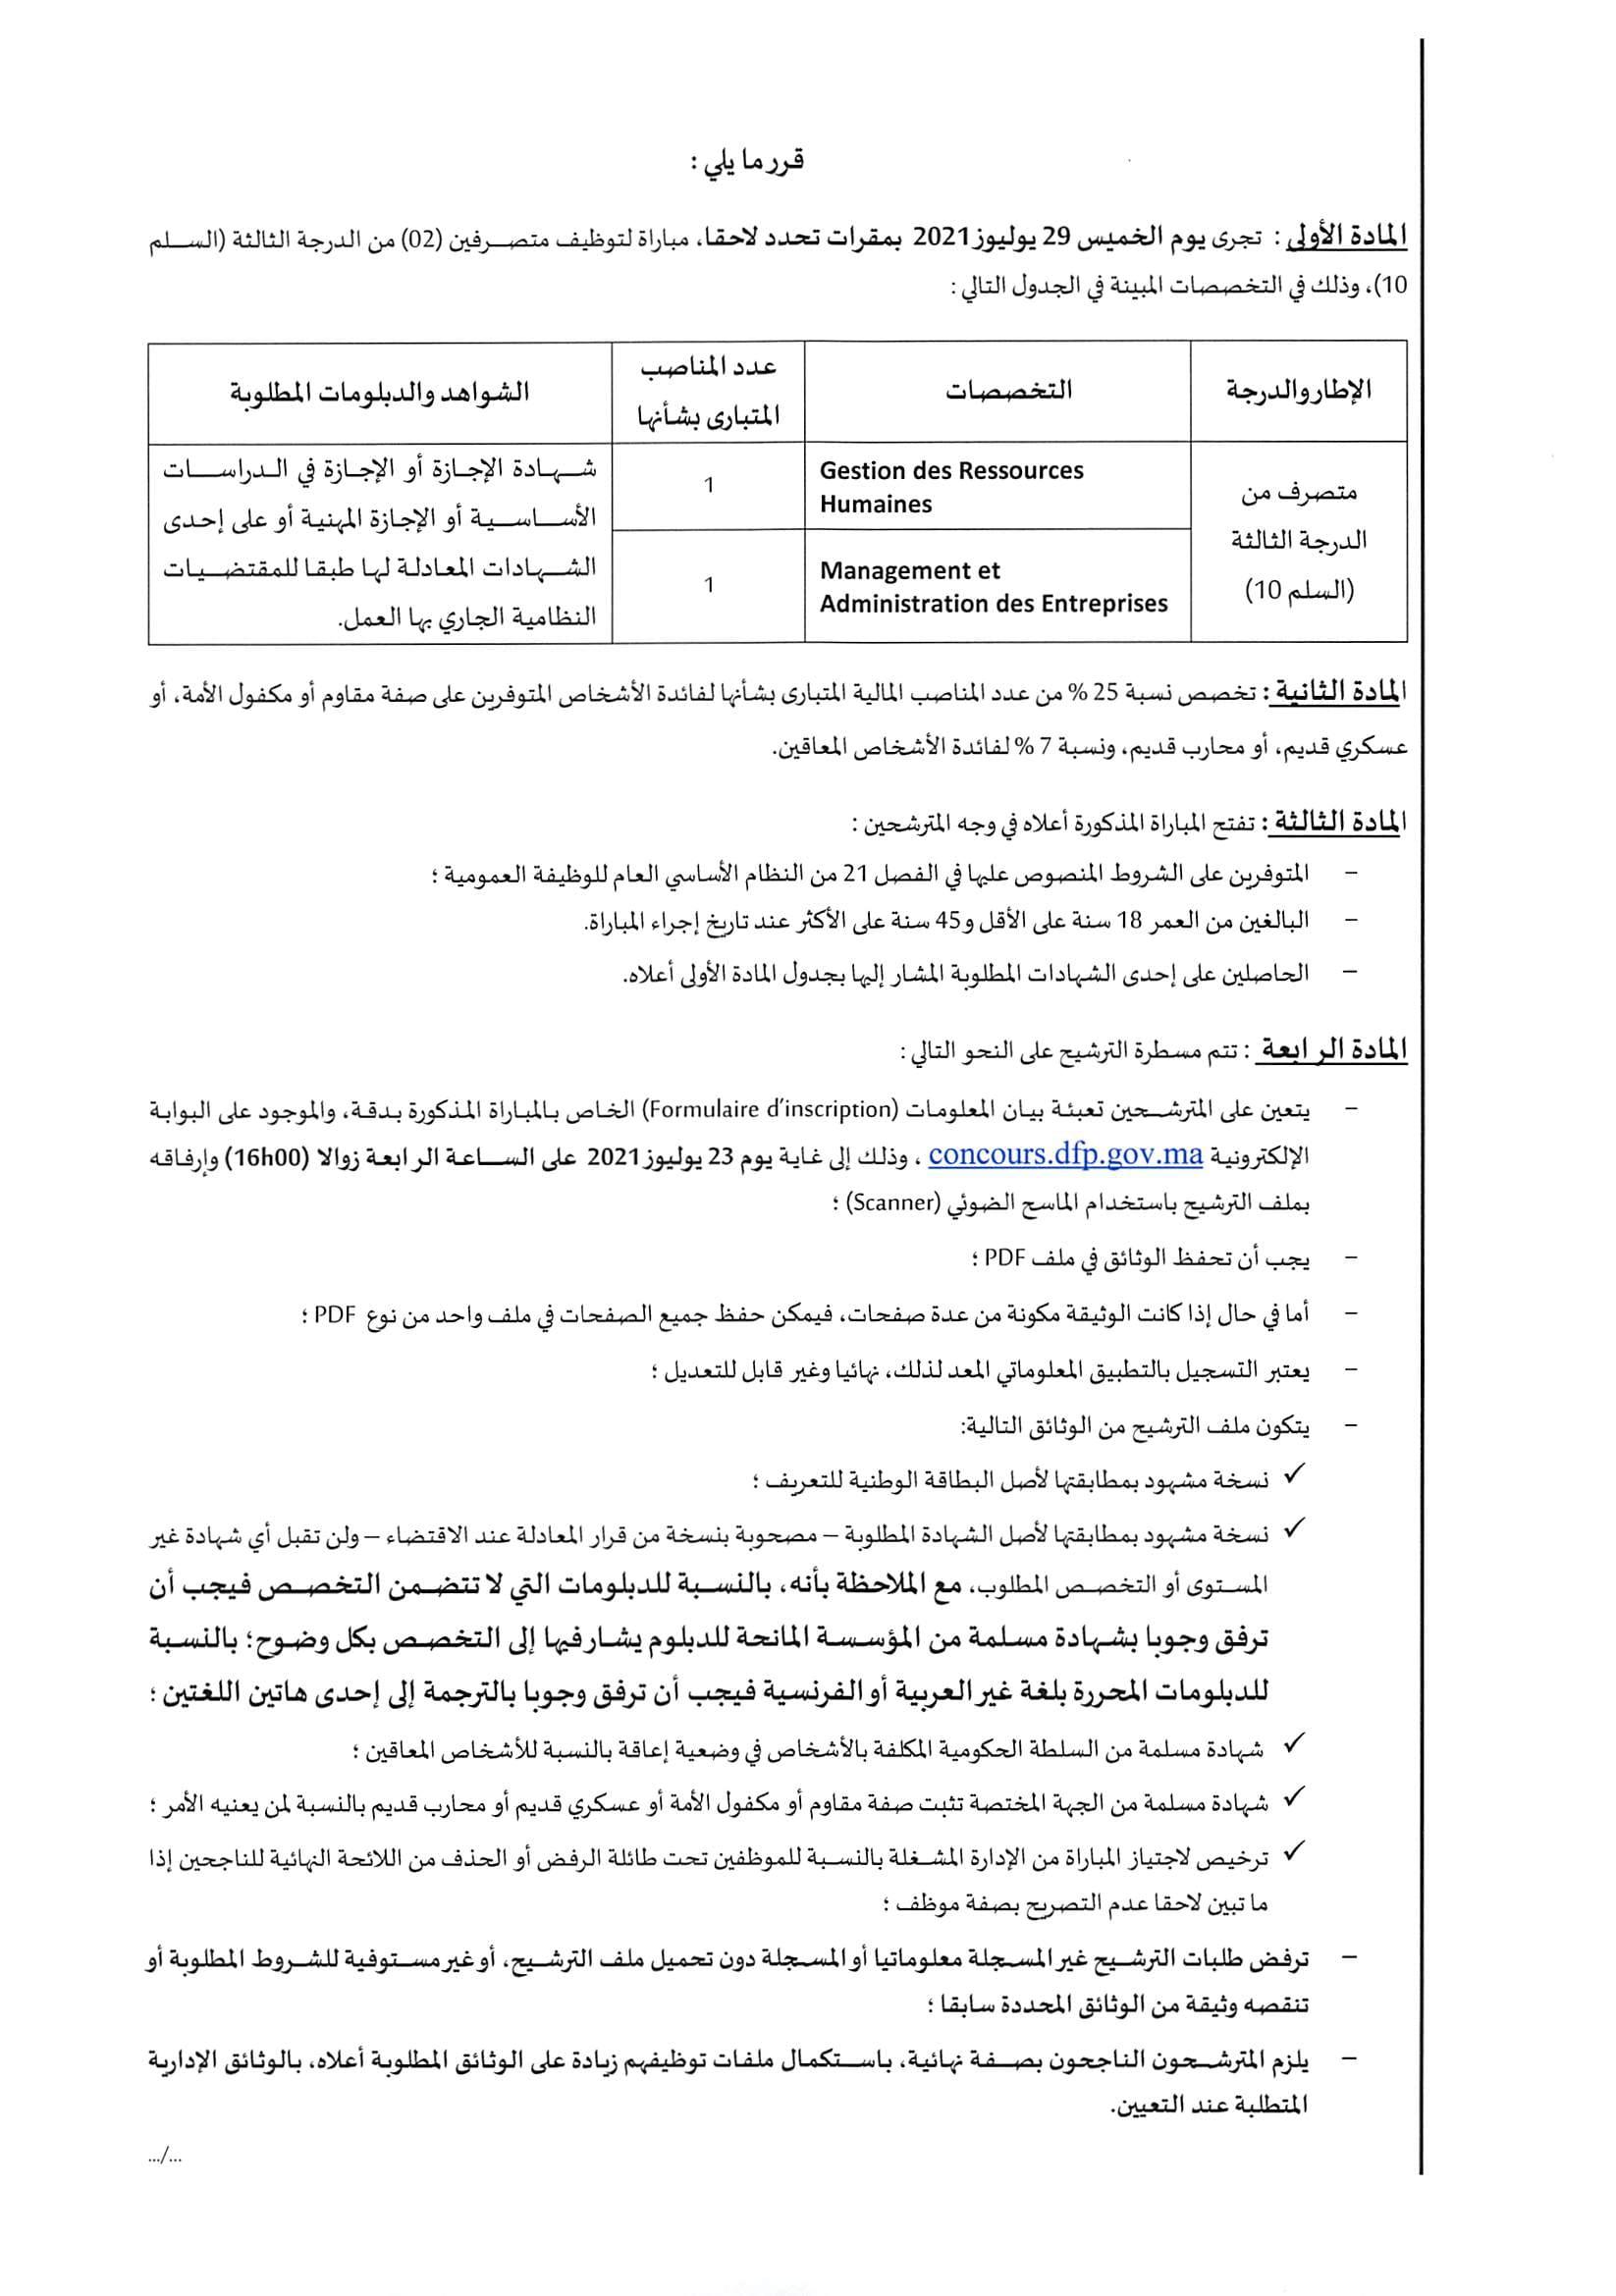 36 1 2 Résultats Concours Ministère de l'Education Nationale 2021 (10 Postes)